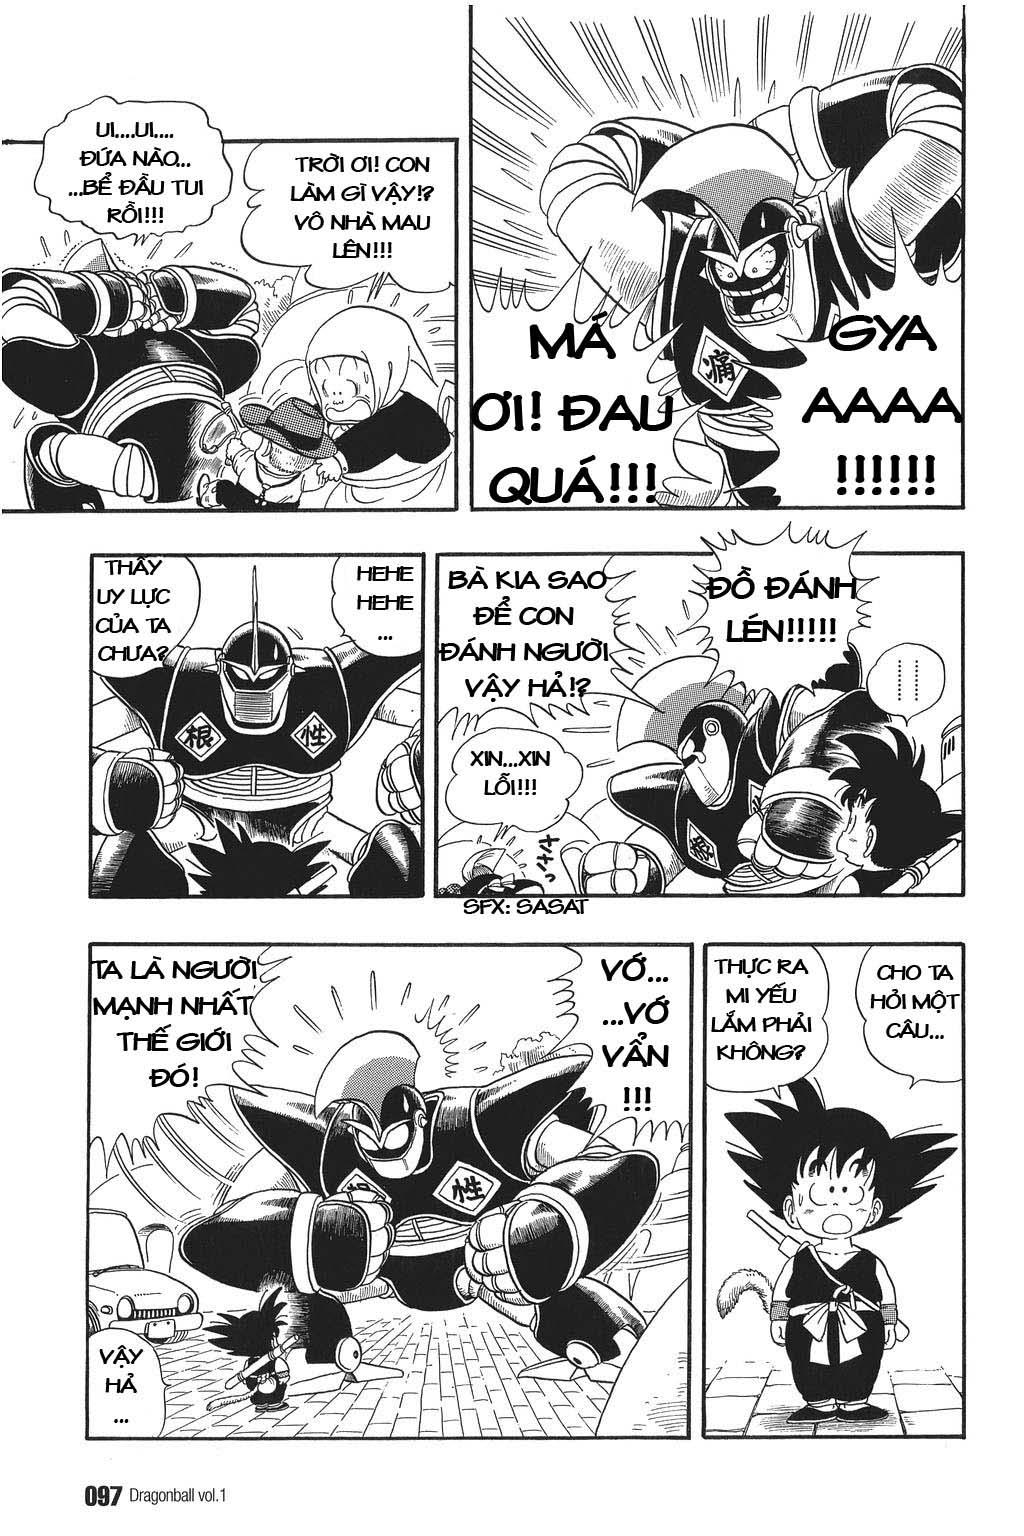 xem truyen moi - Dragon Ball Bản Vip - Bản Đẹp Nguyên Gốc Chap 6